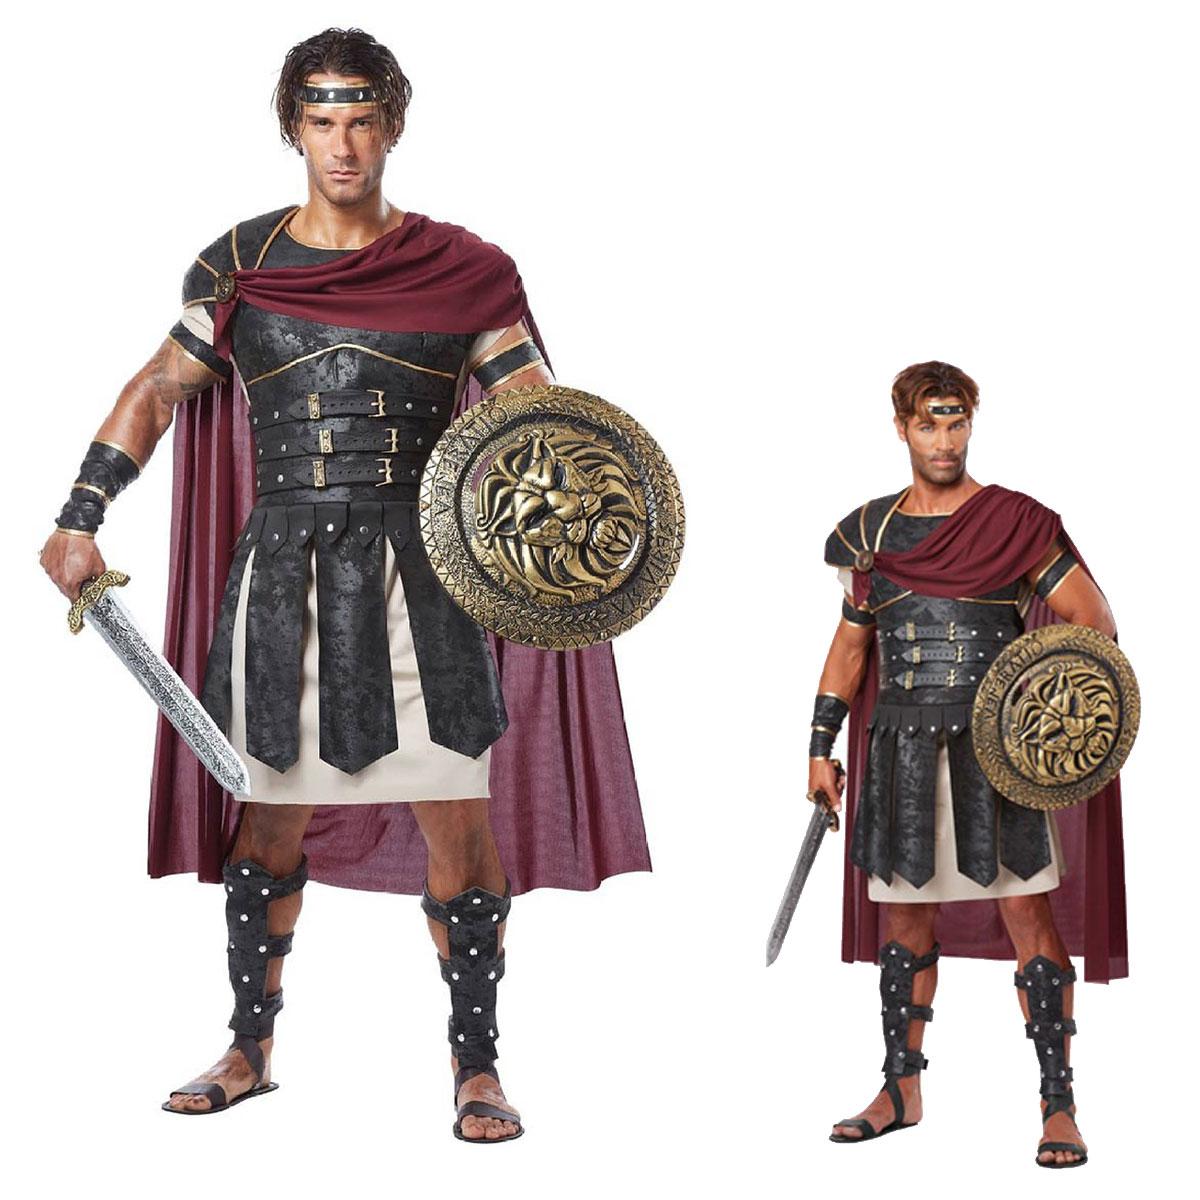 中世 コスチューム 衣装 グラディエーター ローマ 戦士 騎士 コスプレ 大人 男性 ワイルド 仮装 ヨーロッパ 歴史 舞台 演劇 服